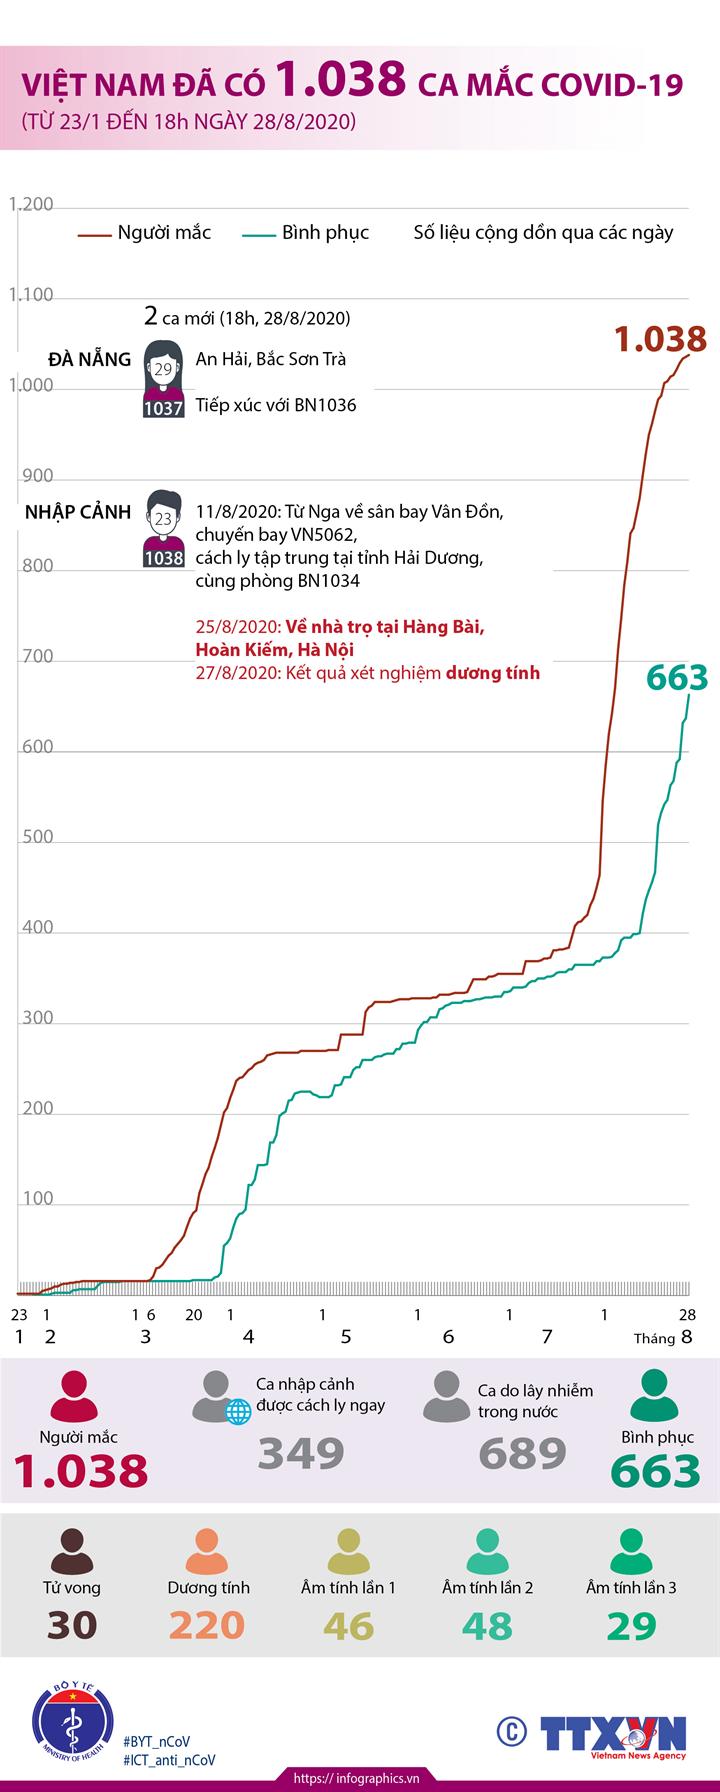 Việt Nam đã có 1.038 ca mắc COVID-19 (từ 23/1 đến 18h ngày 28/8/2020)